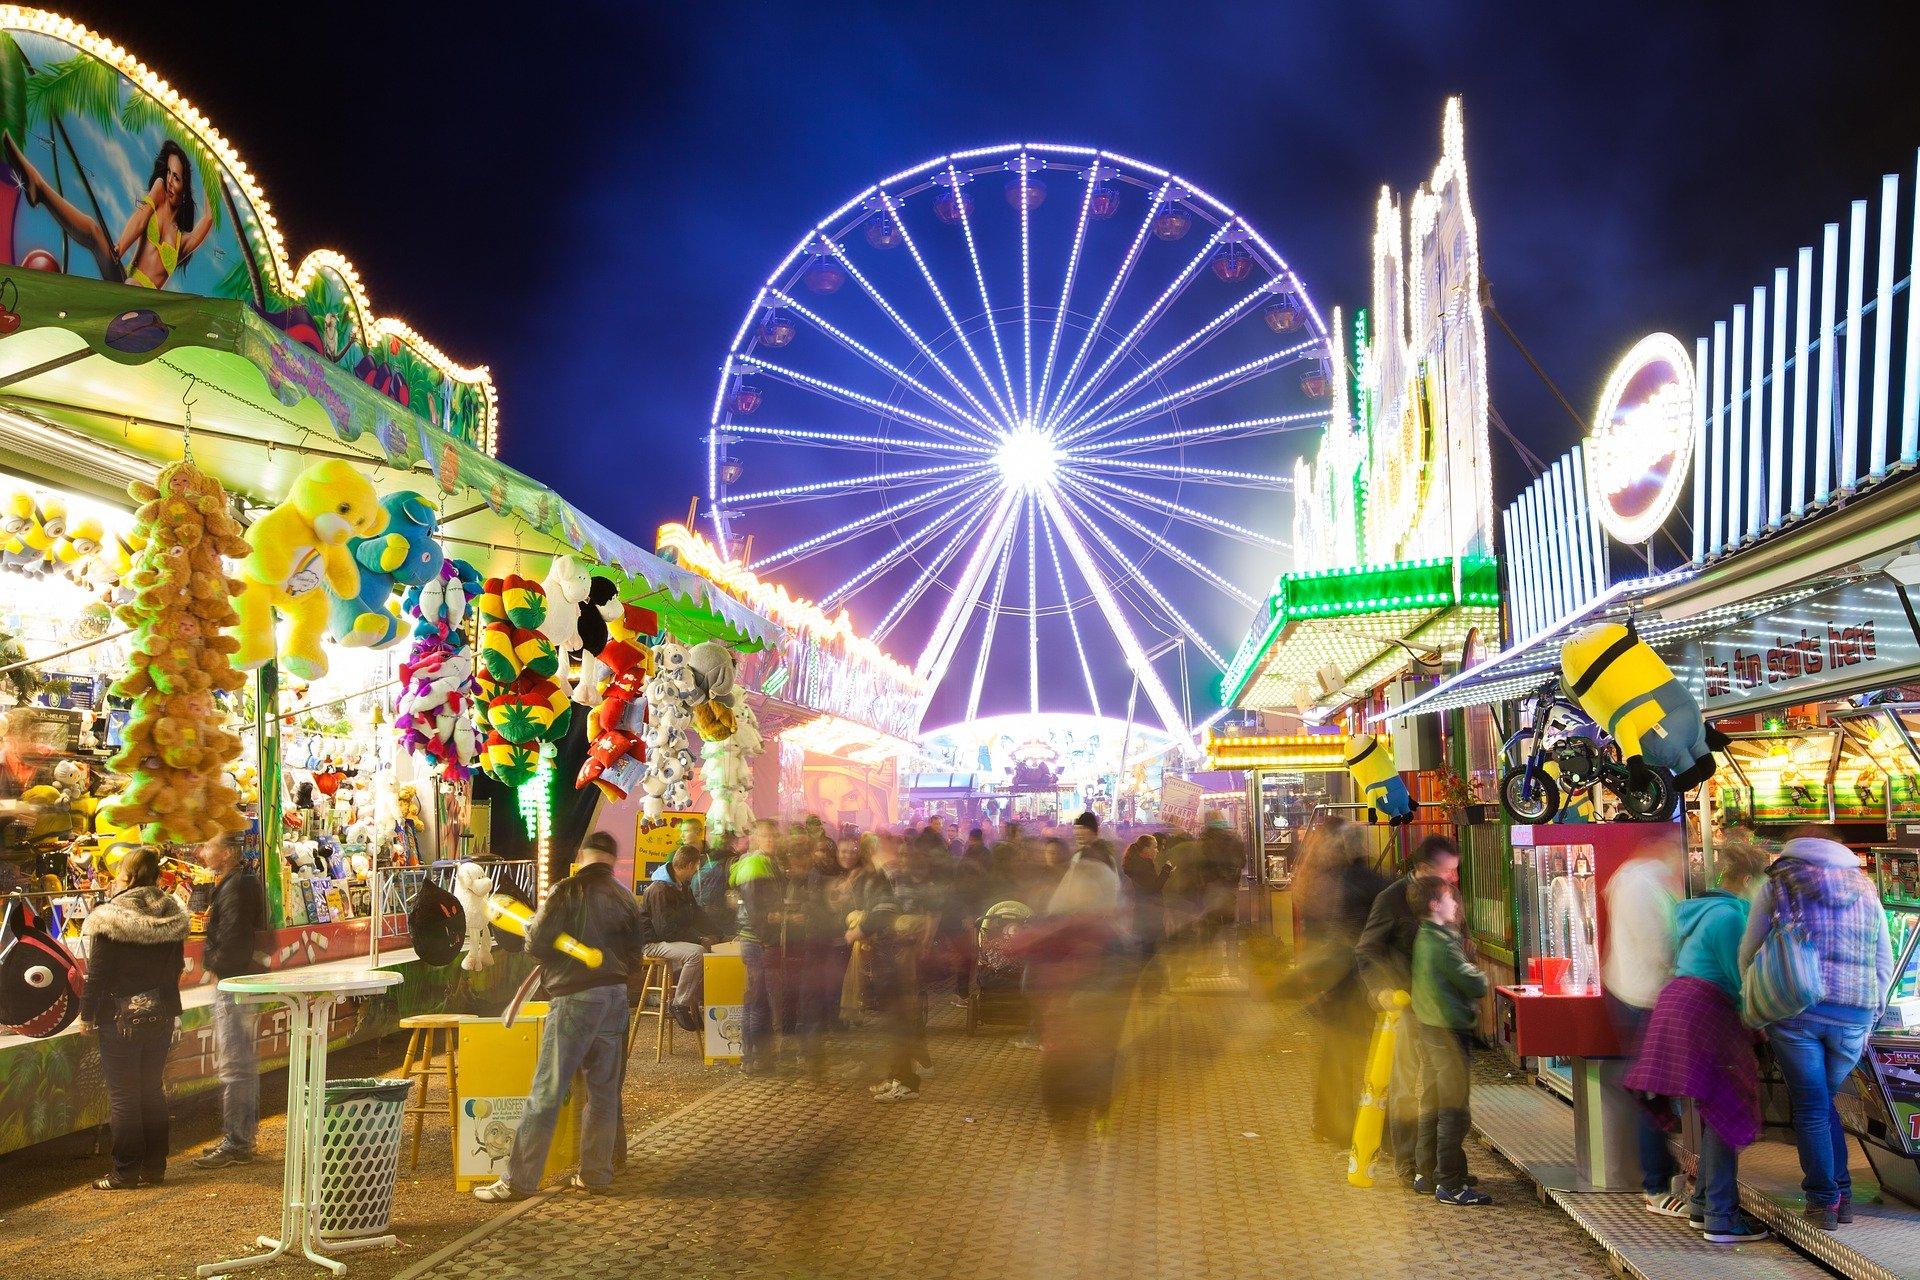 fairgrounds visit video